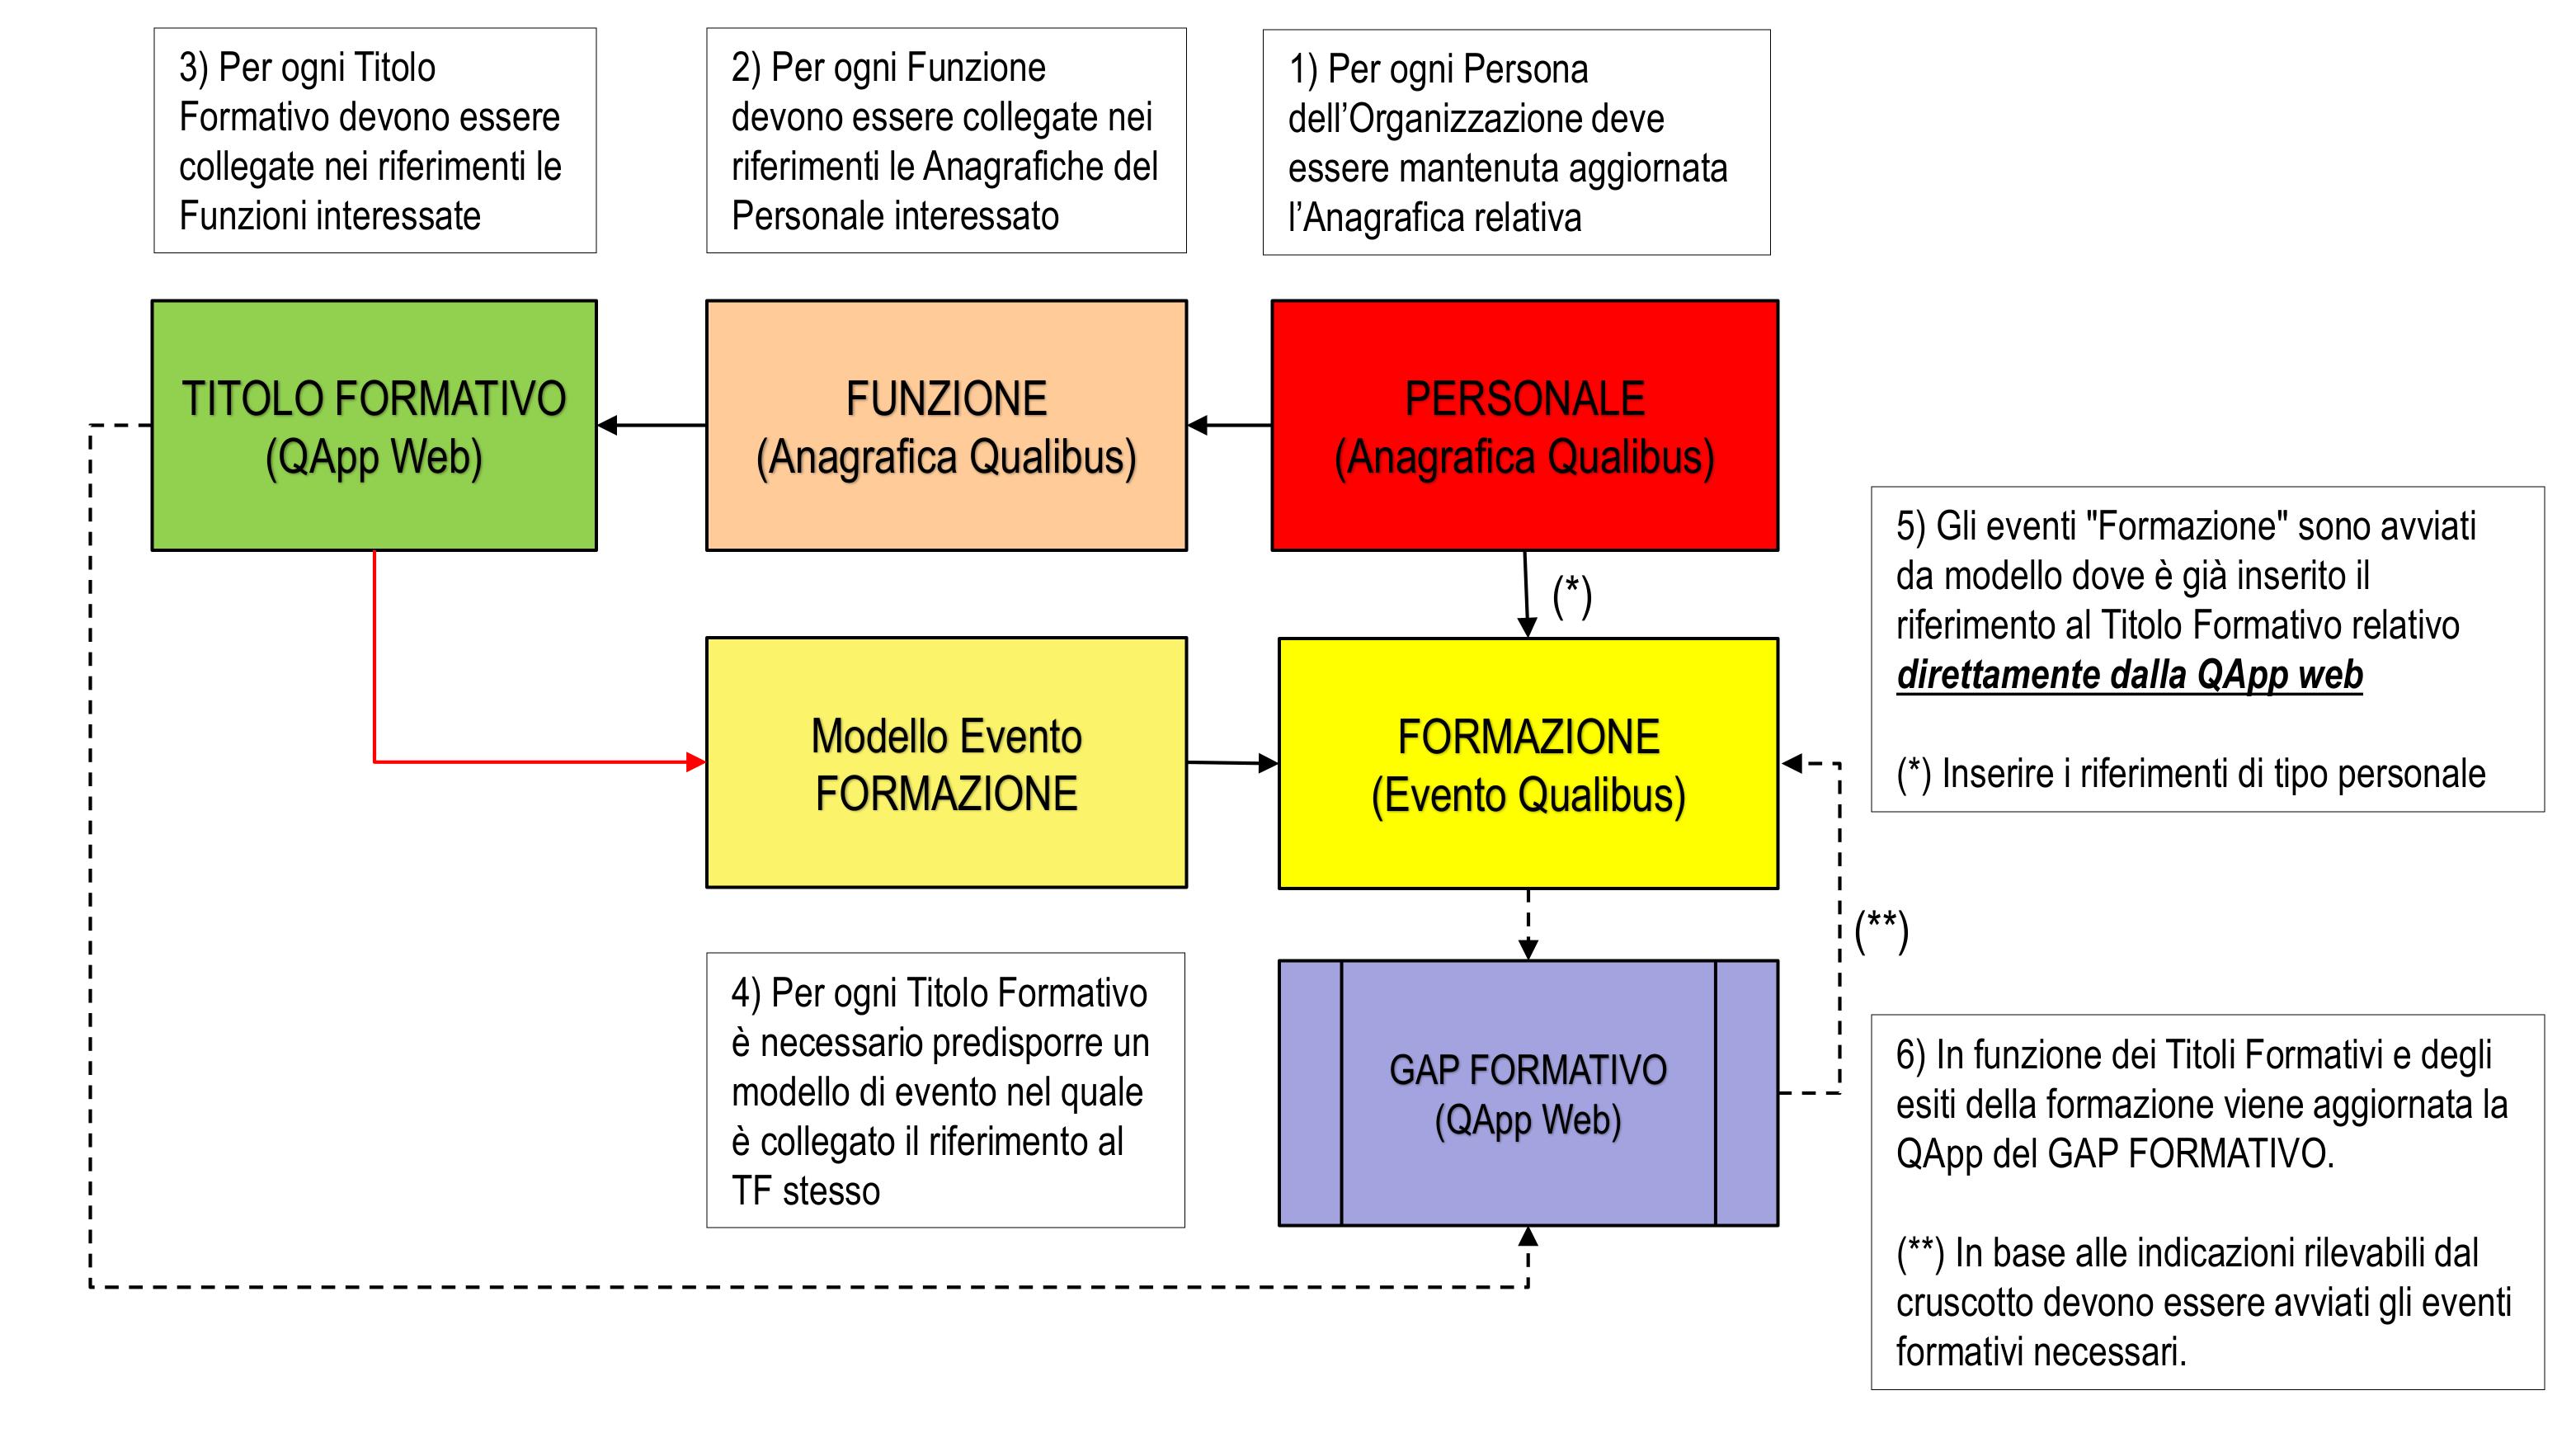 schema-gap-formativo